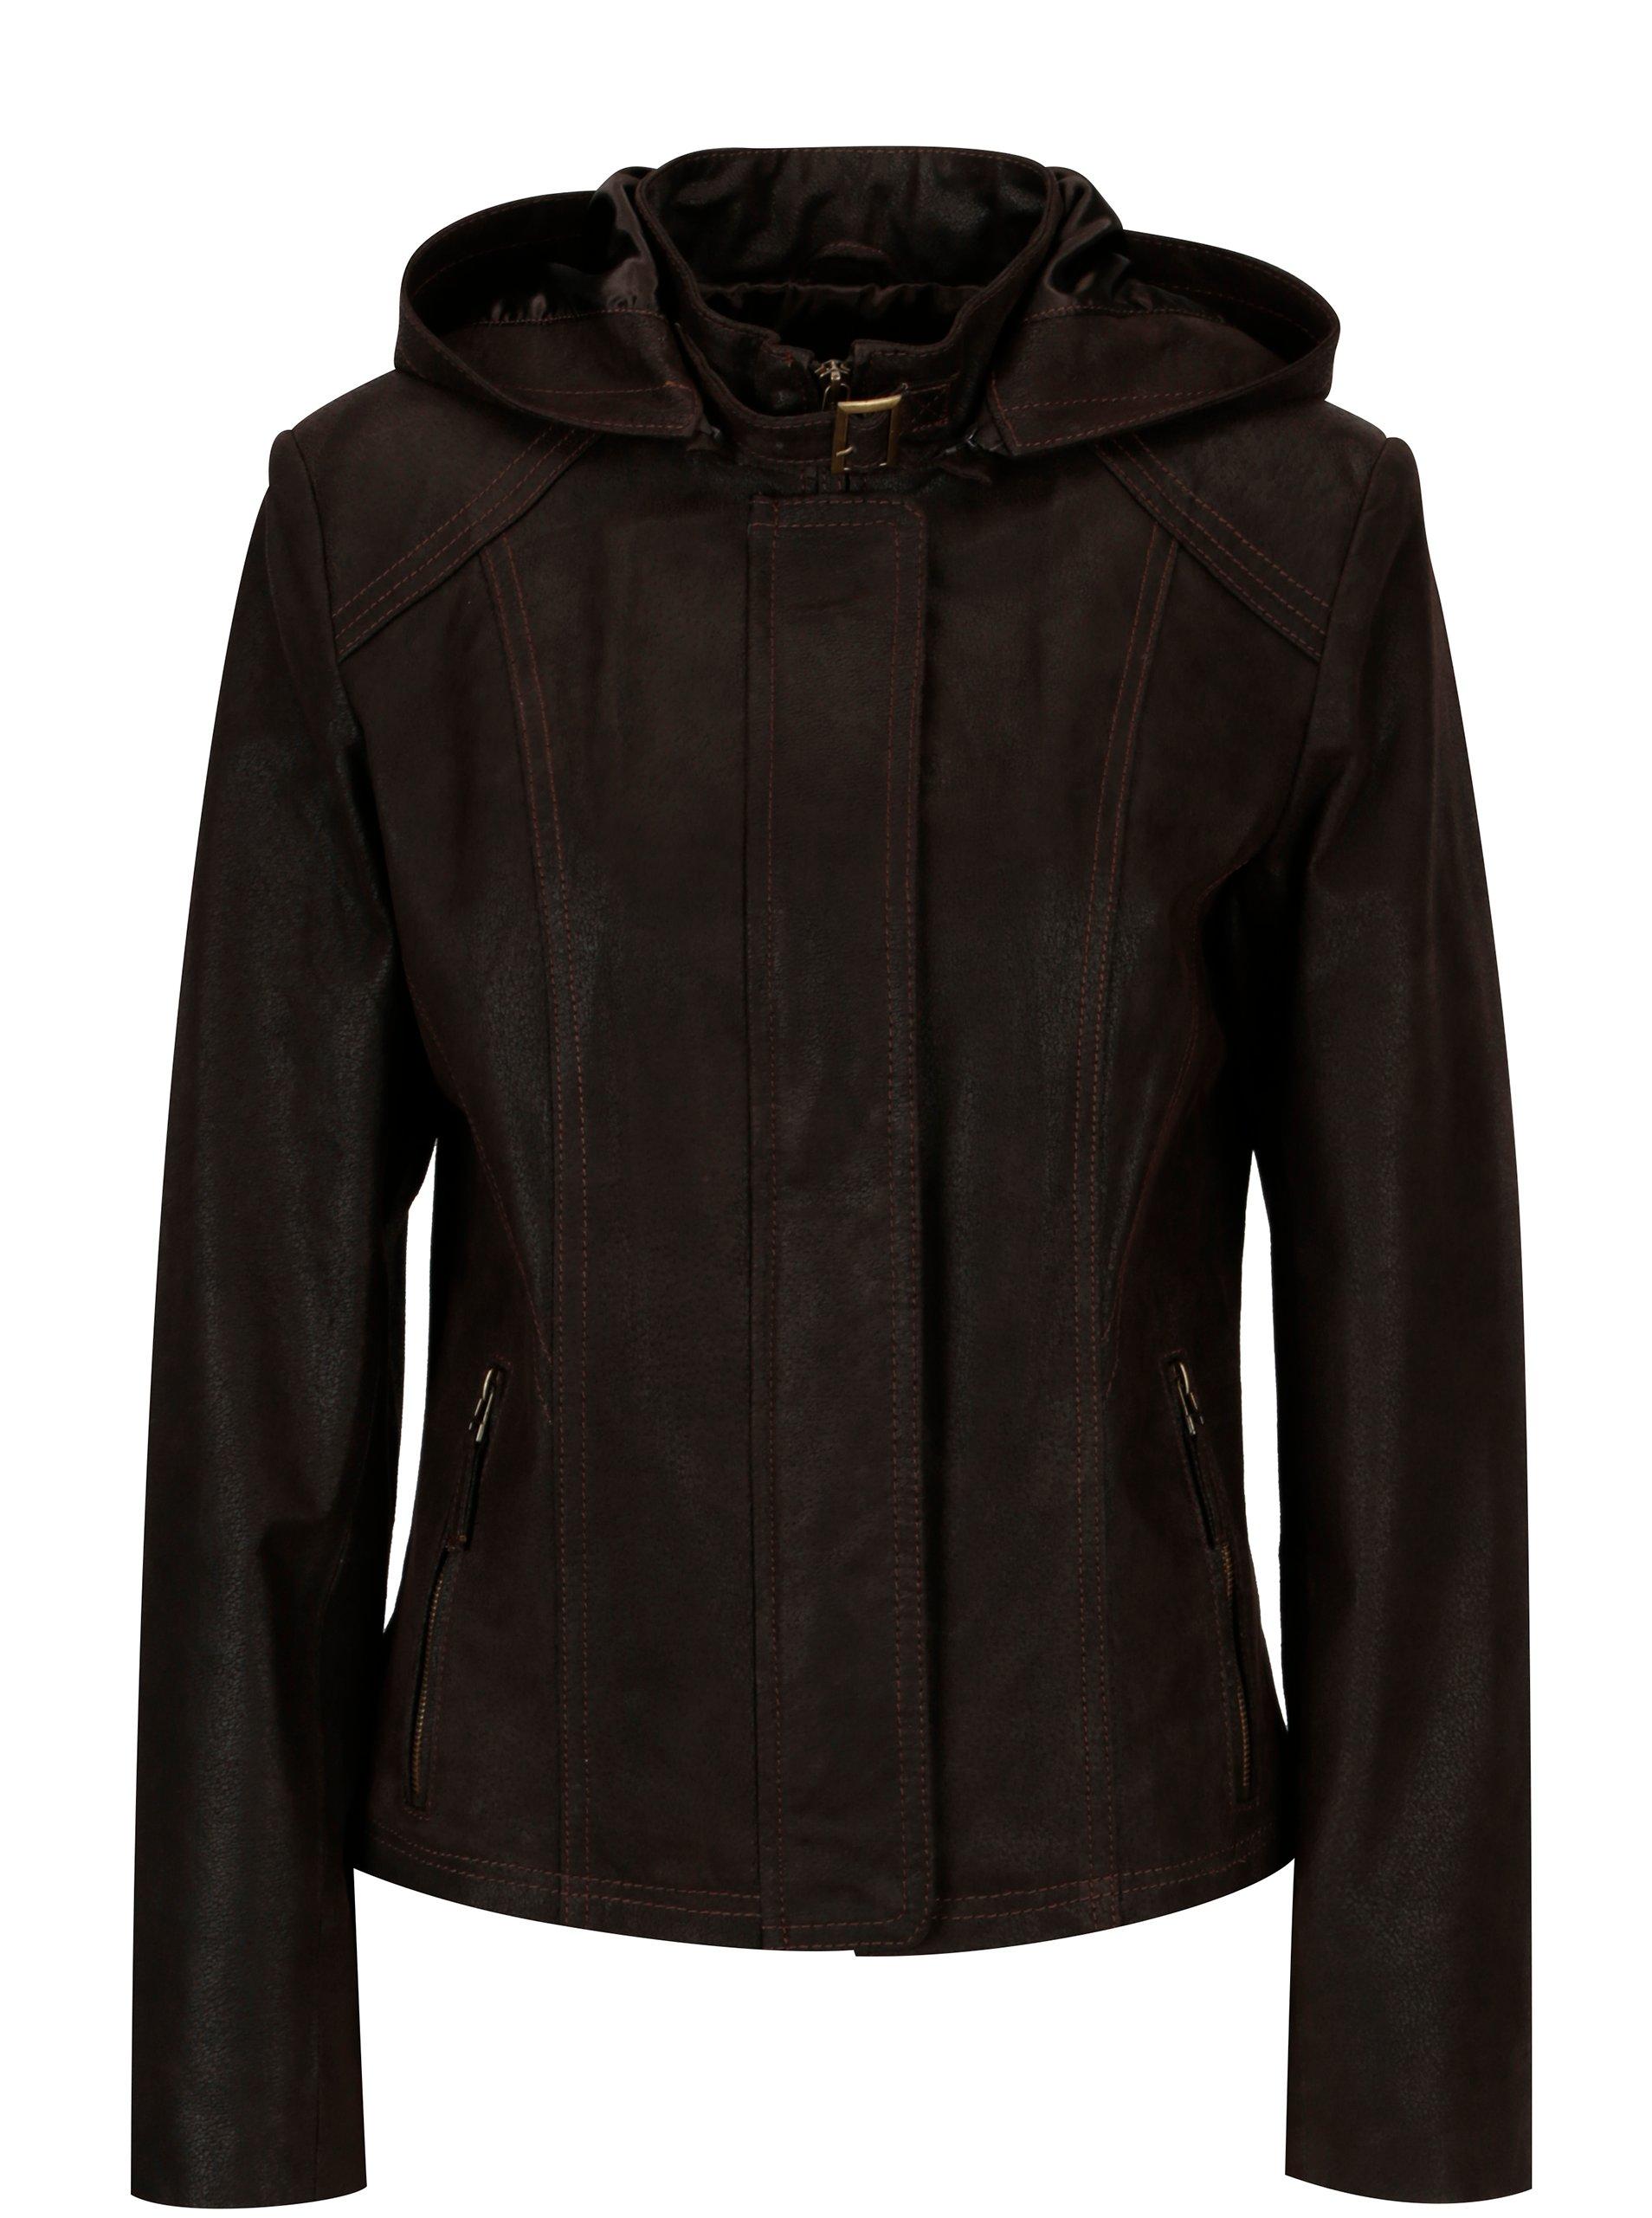 Tmavě hnědá dámská kožená bunda kapucí KARA Dominika B c1427e5d8fd